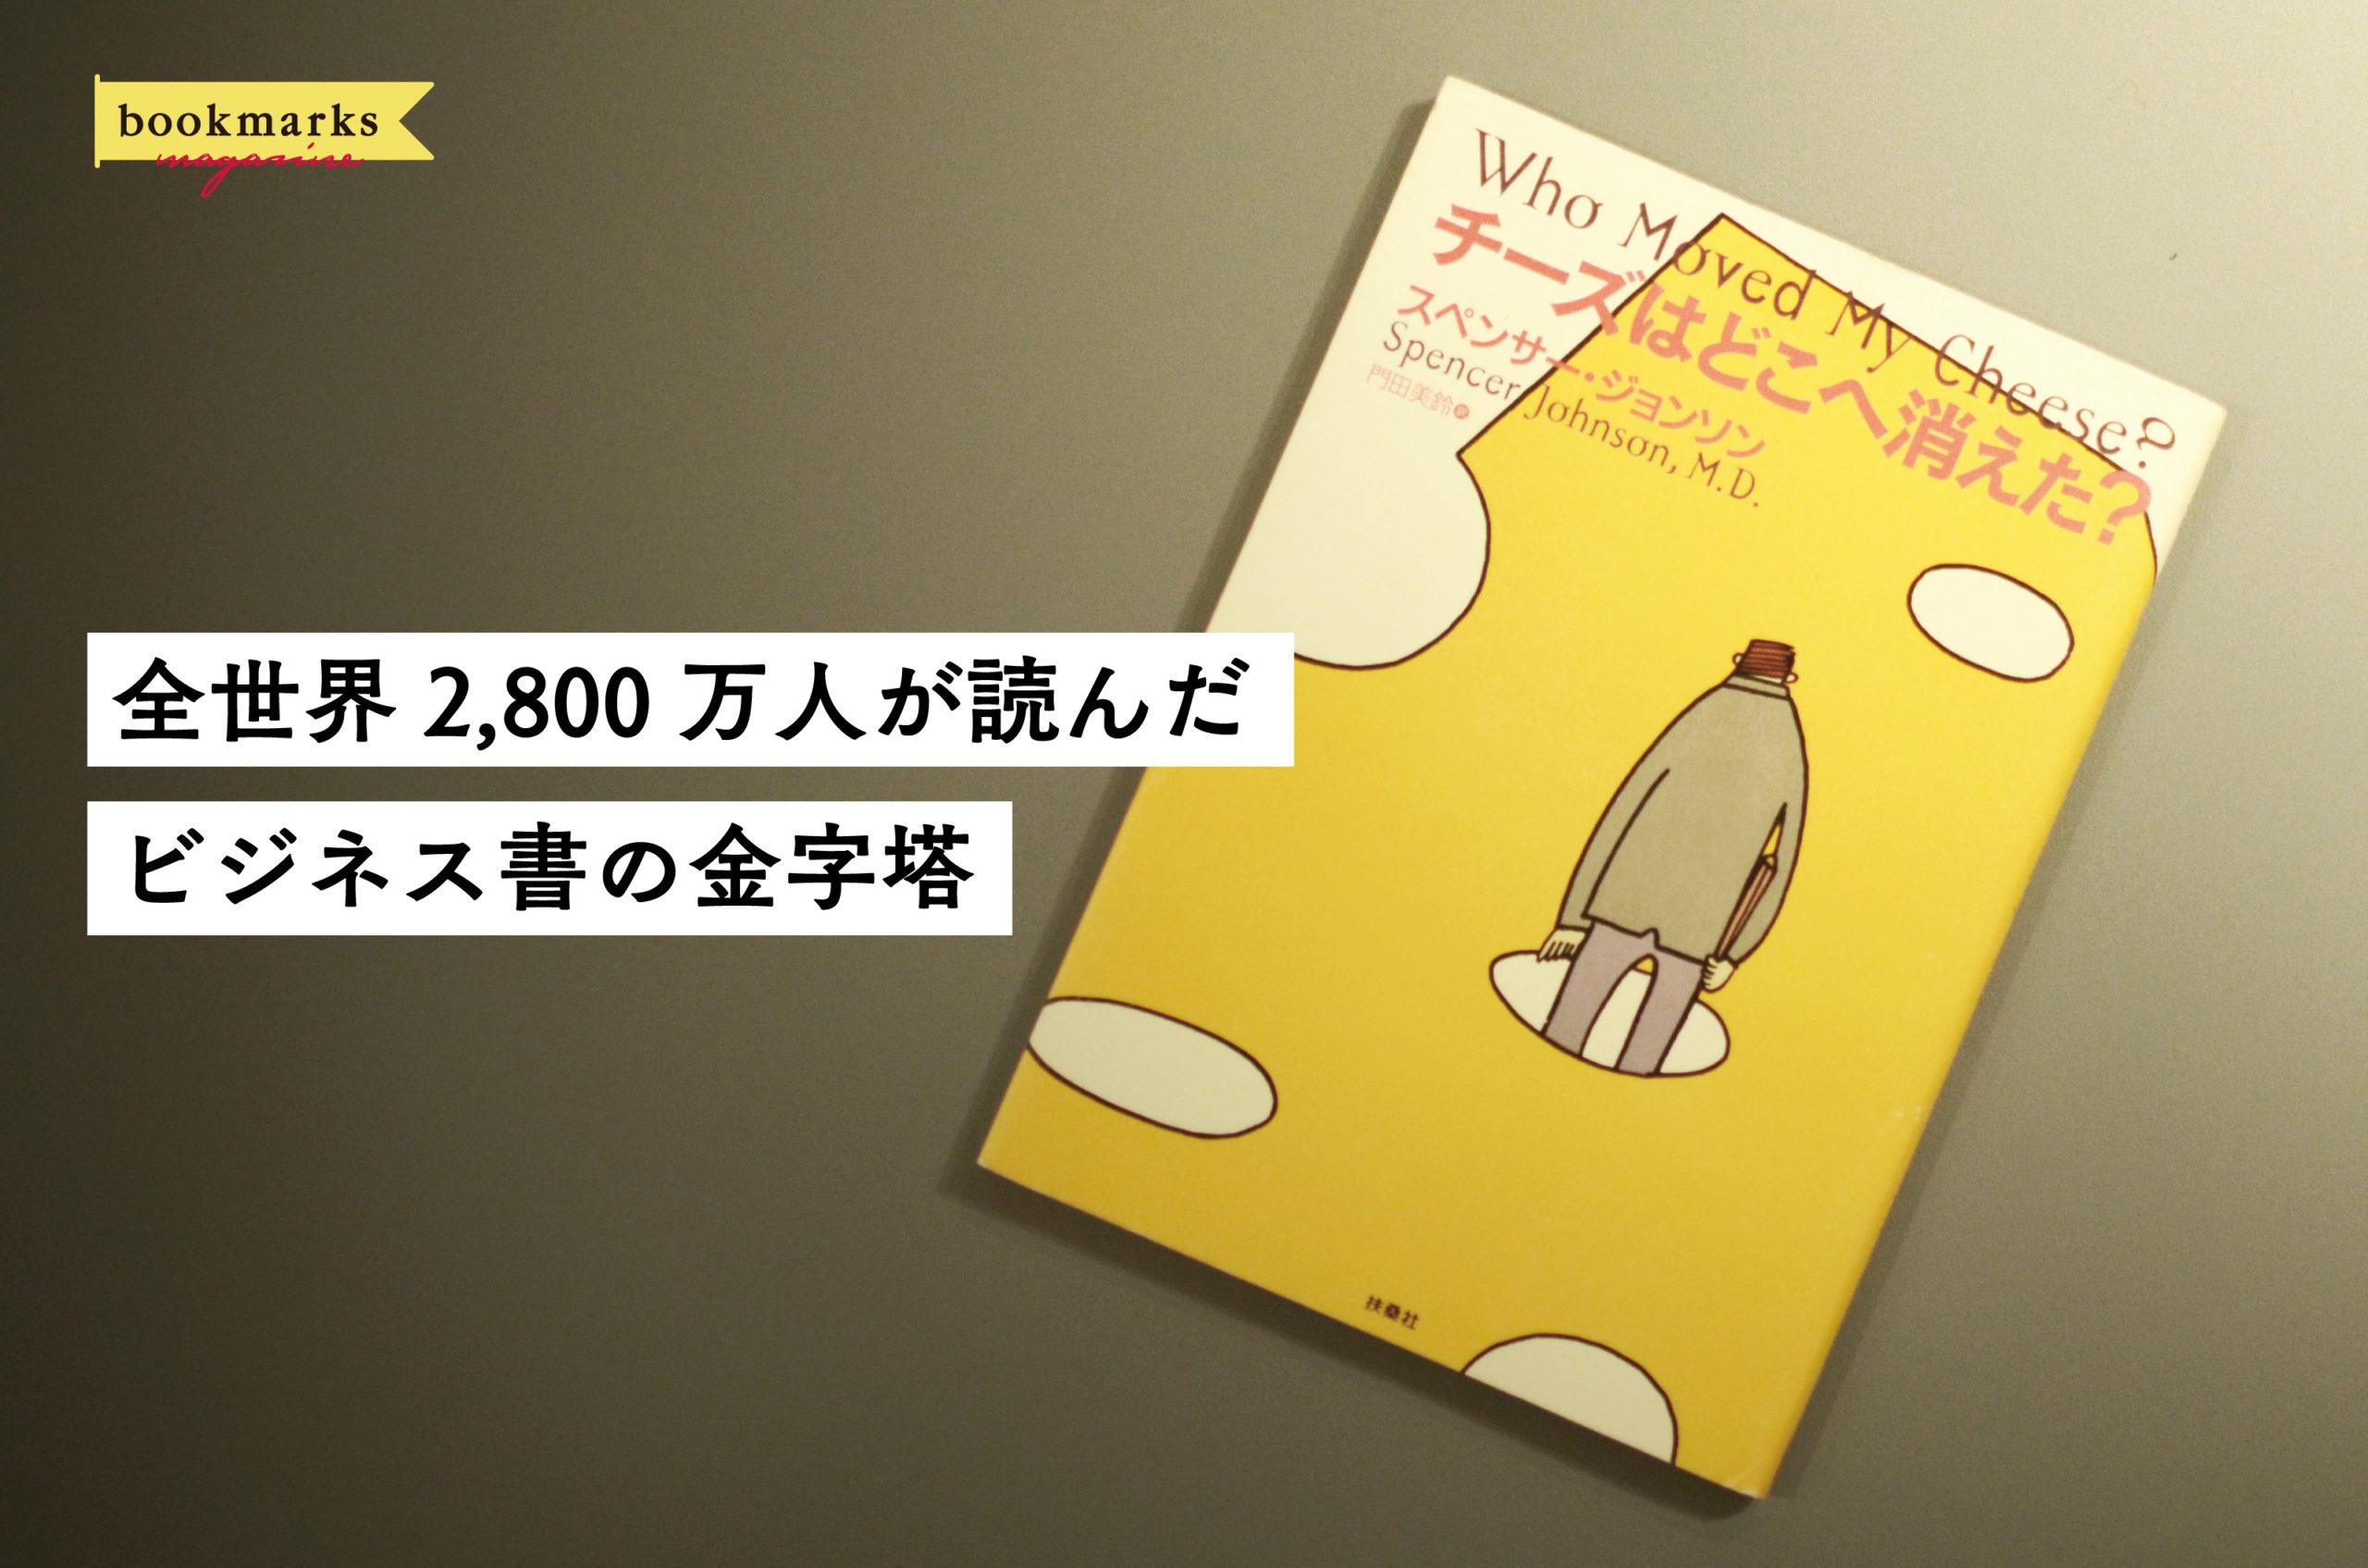 「全世界2,800万人が読んだビジネス書の金字塔」のアイキャッチ画像